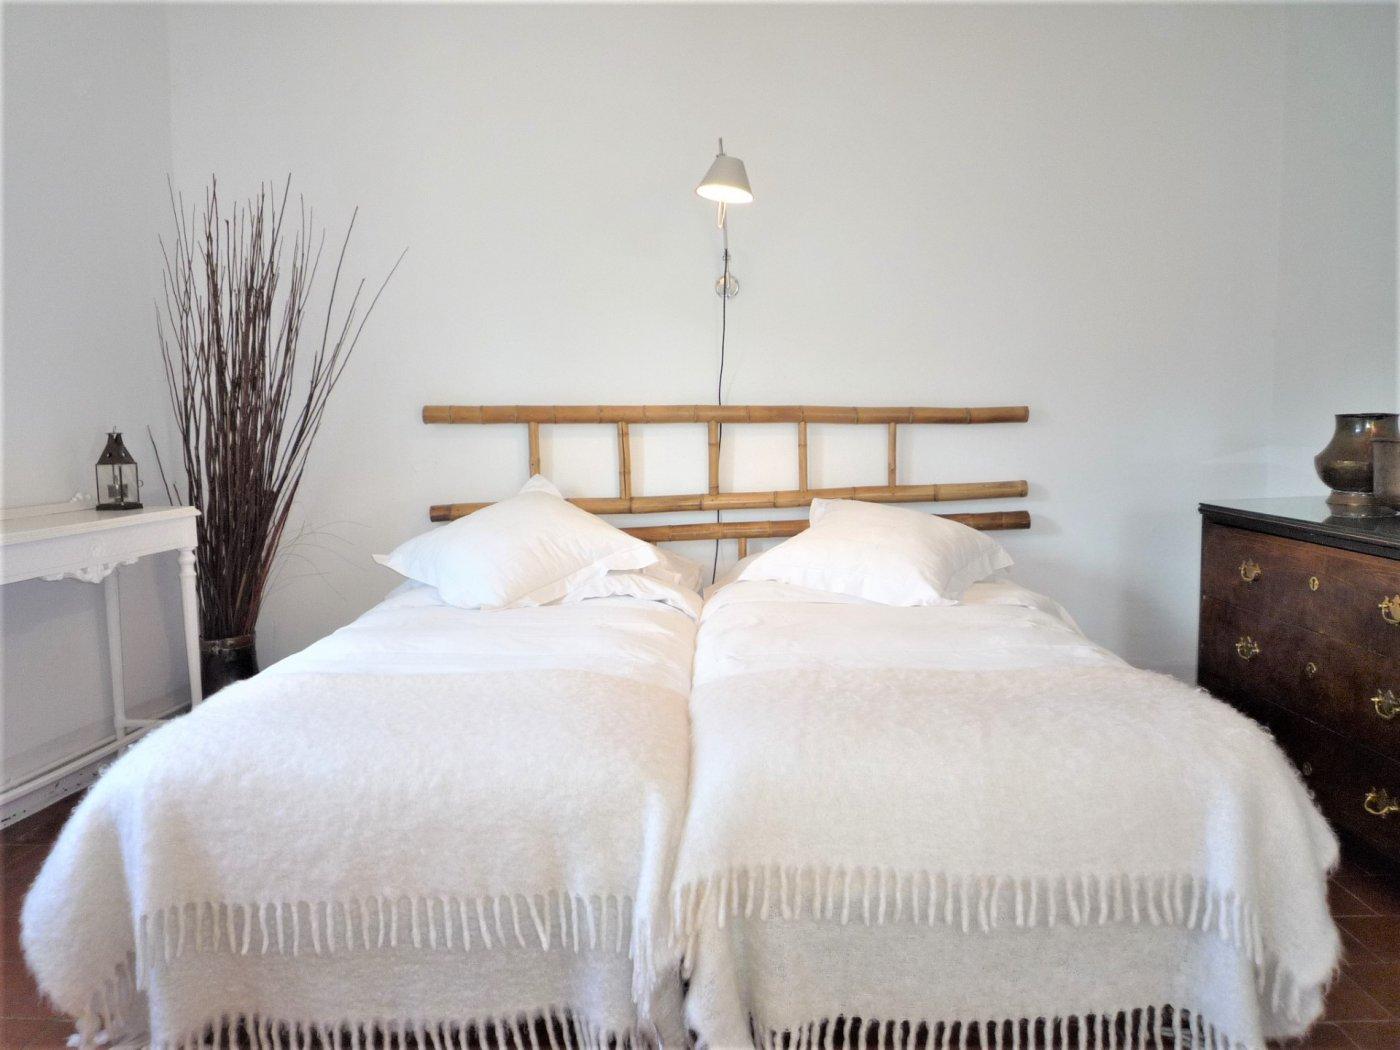 Casa en venta en montblanc - imagenInmueble25